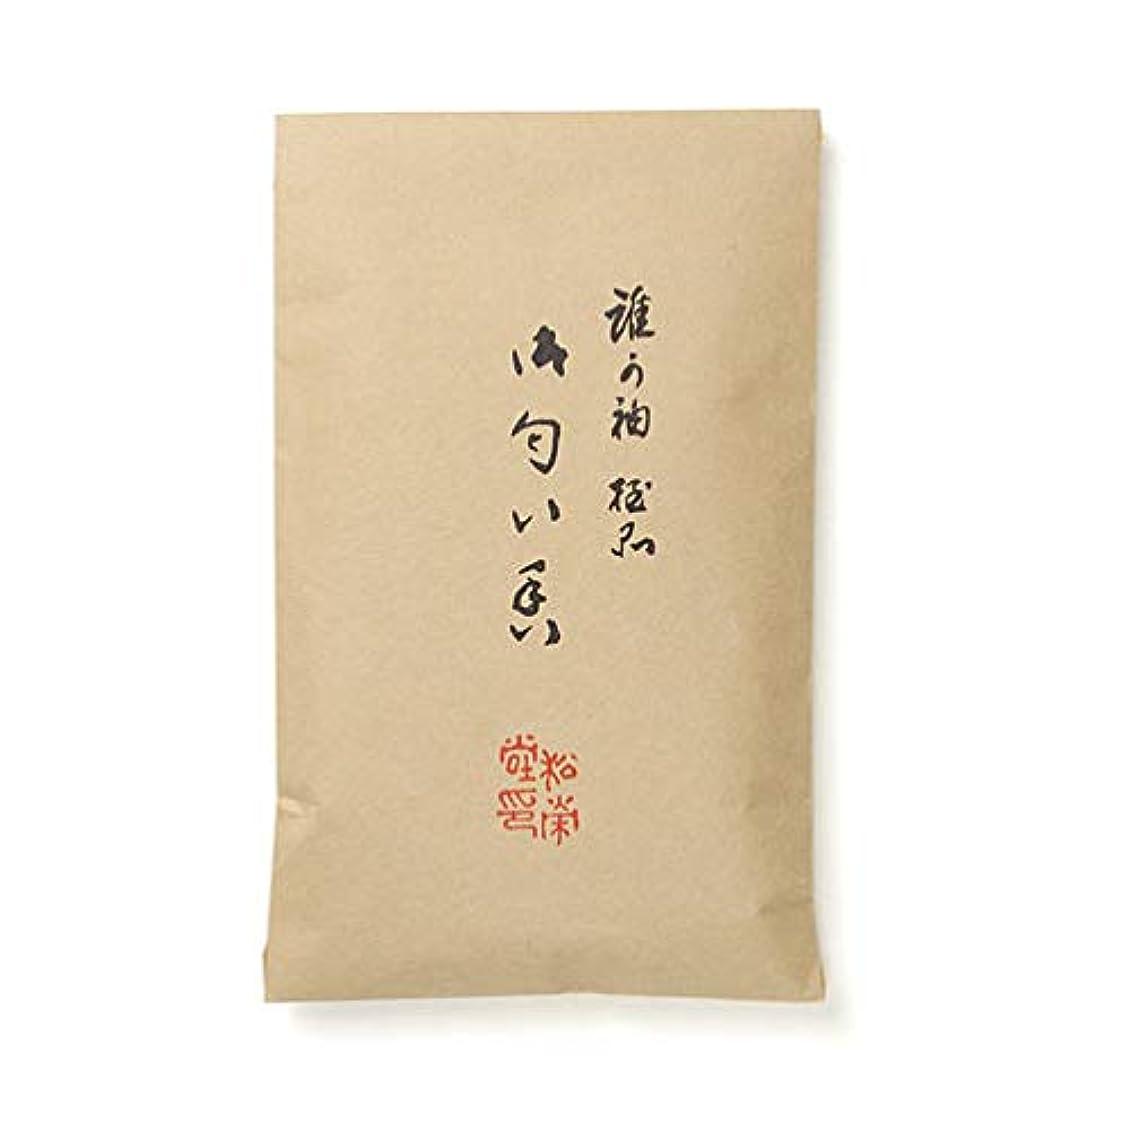 ビジュアル駅王朝松栄堂 誰が袖 極品 匂い香 50g袋入